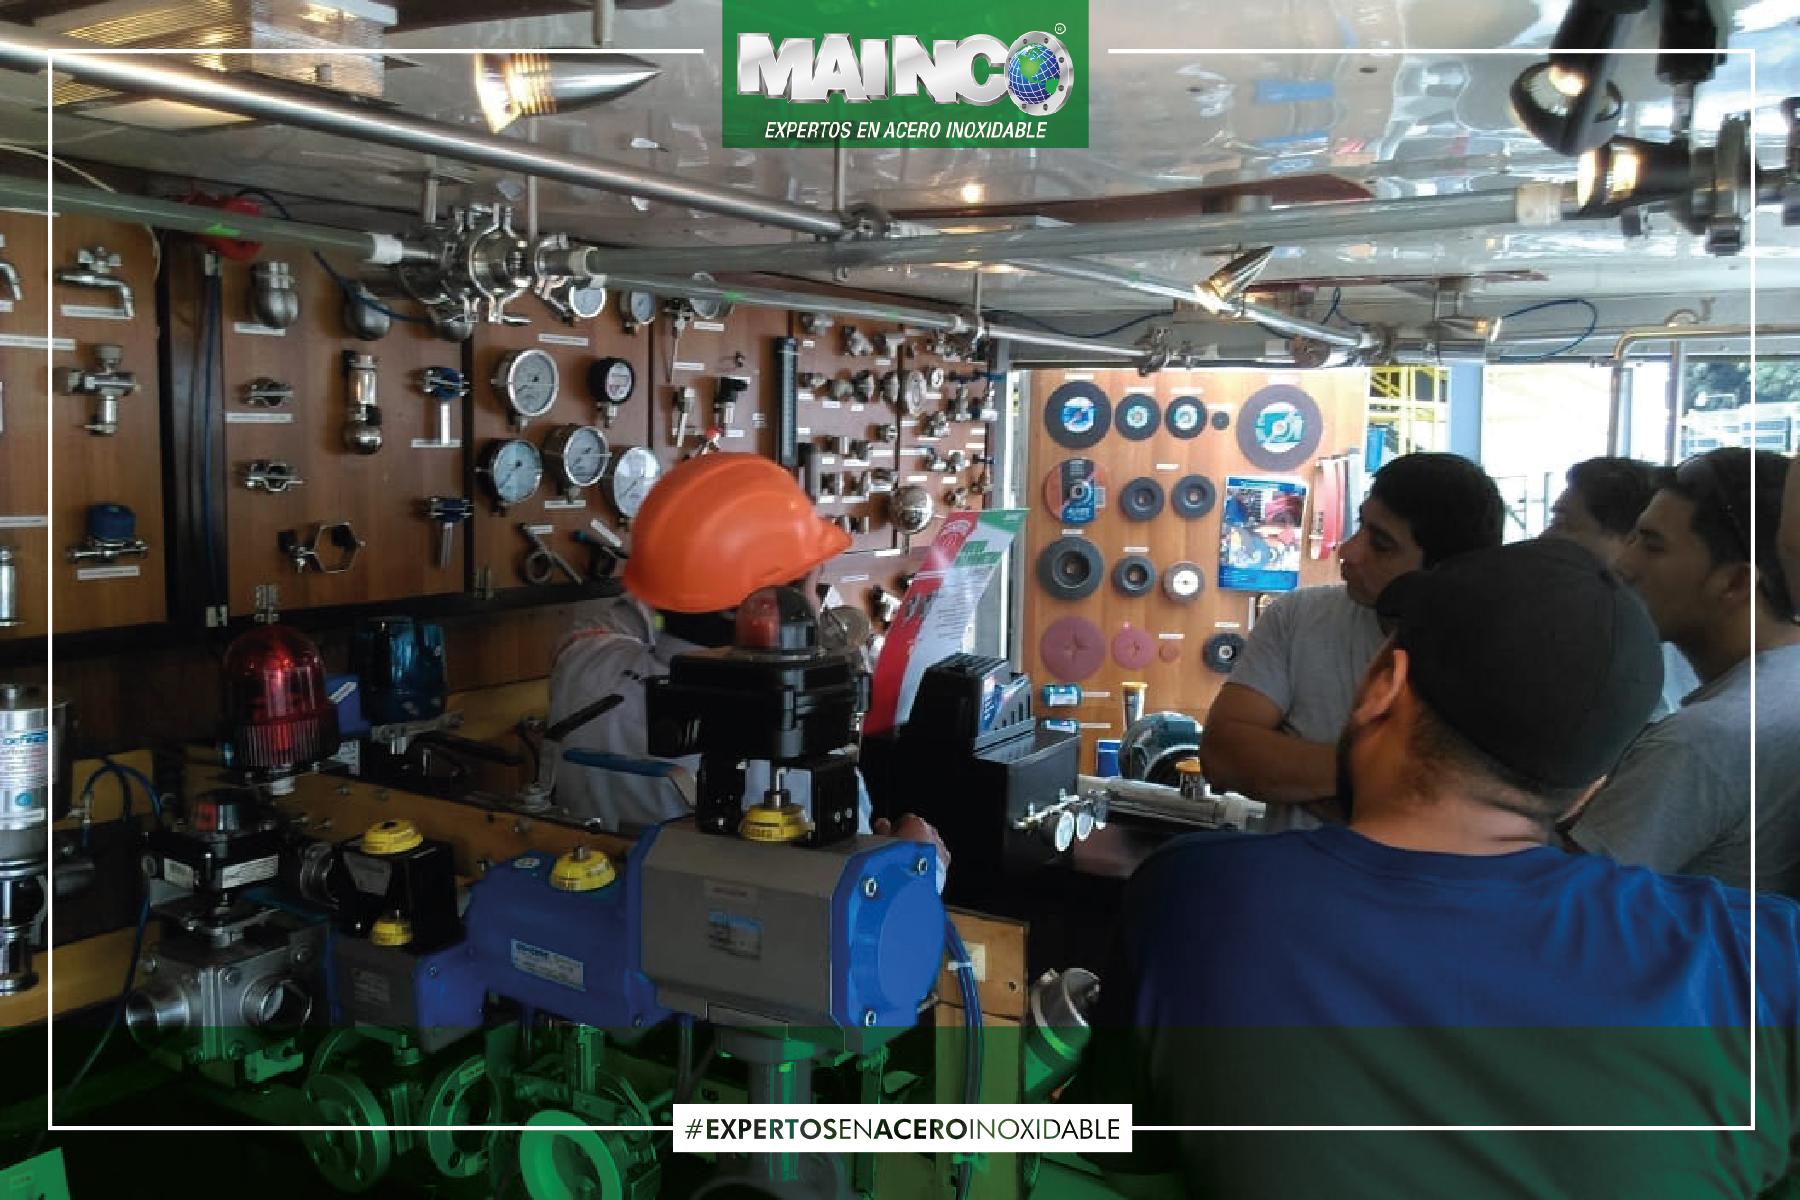 imagen 3 galeria Demostración empresarial MAINCO - Grupo Avicola